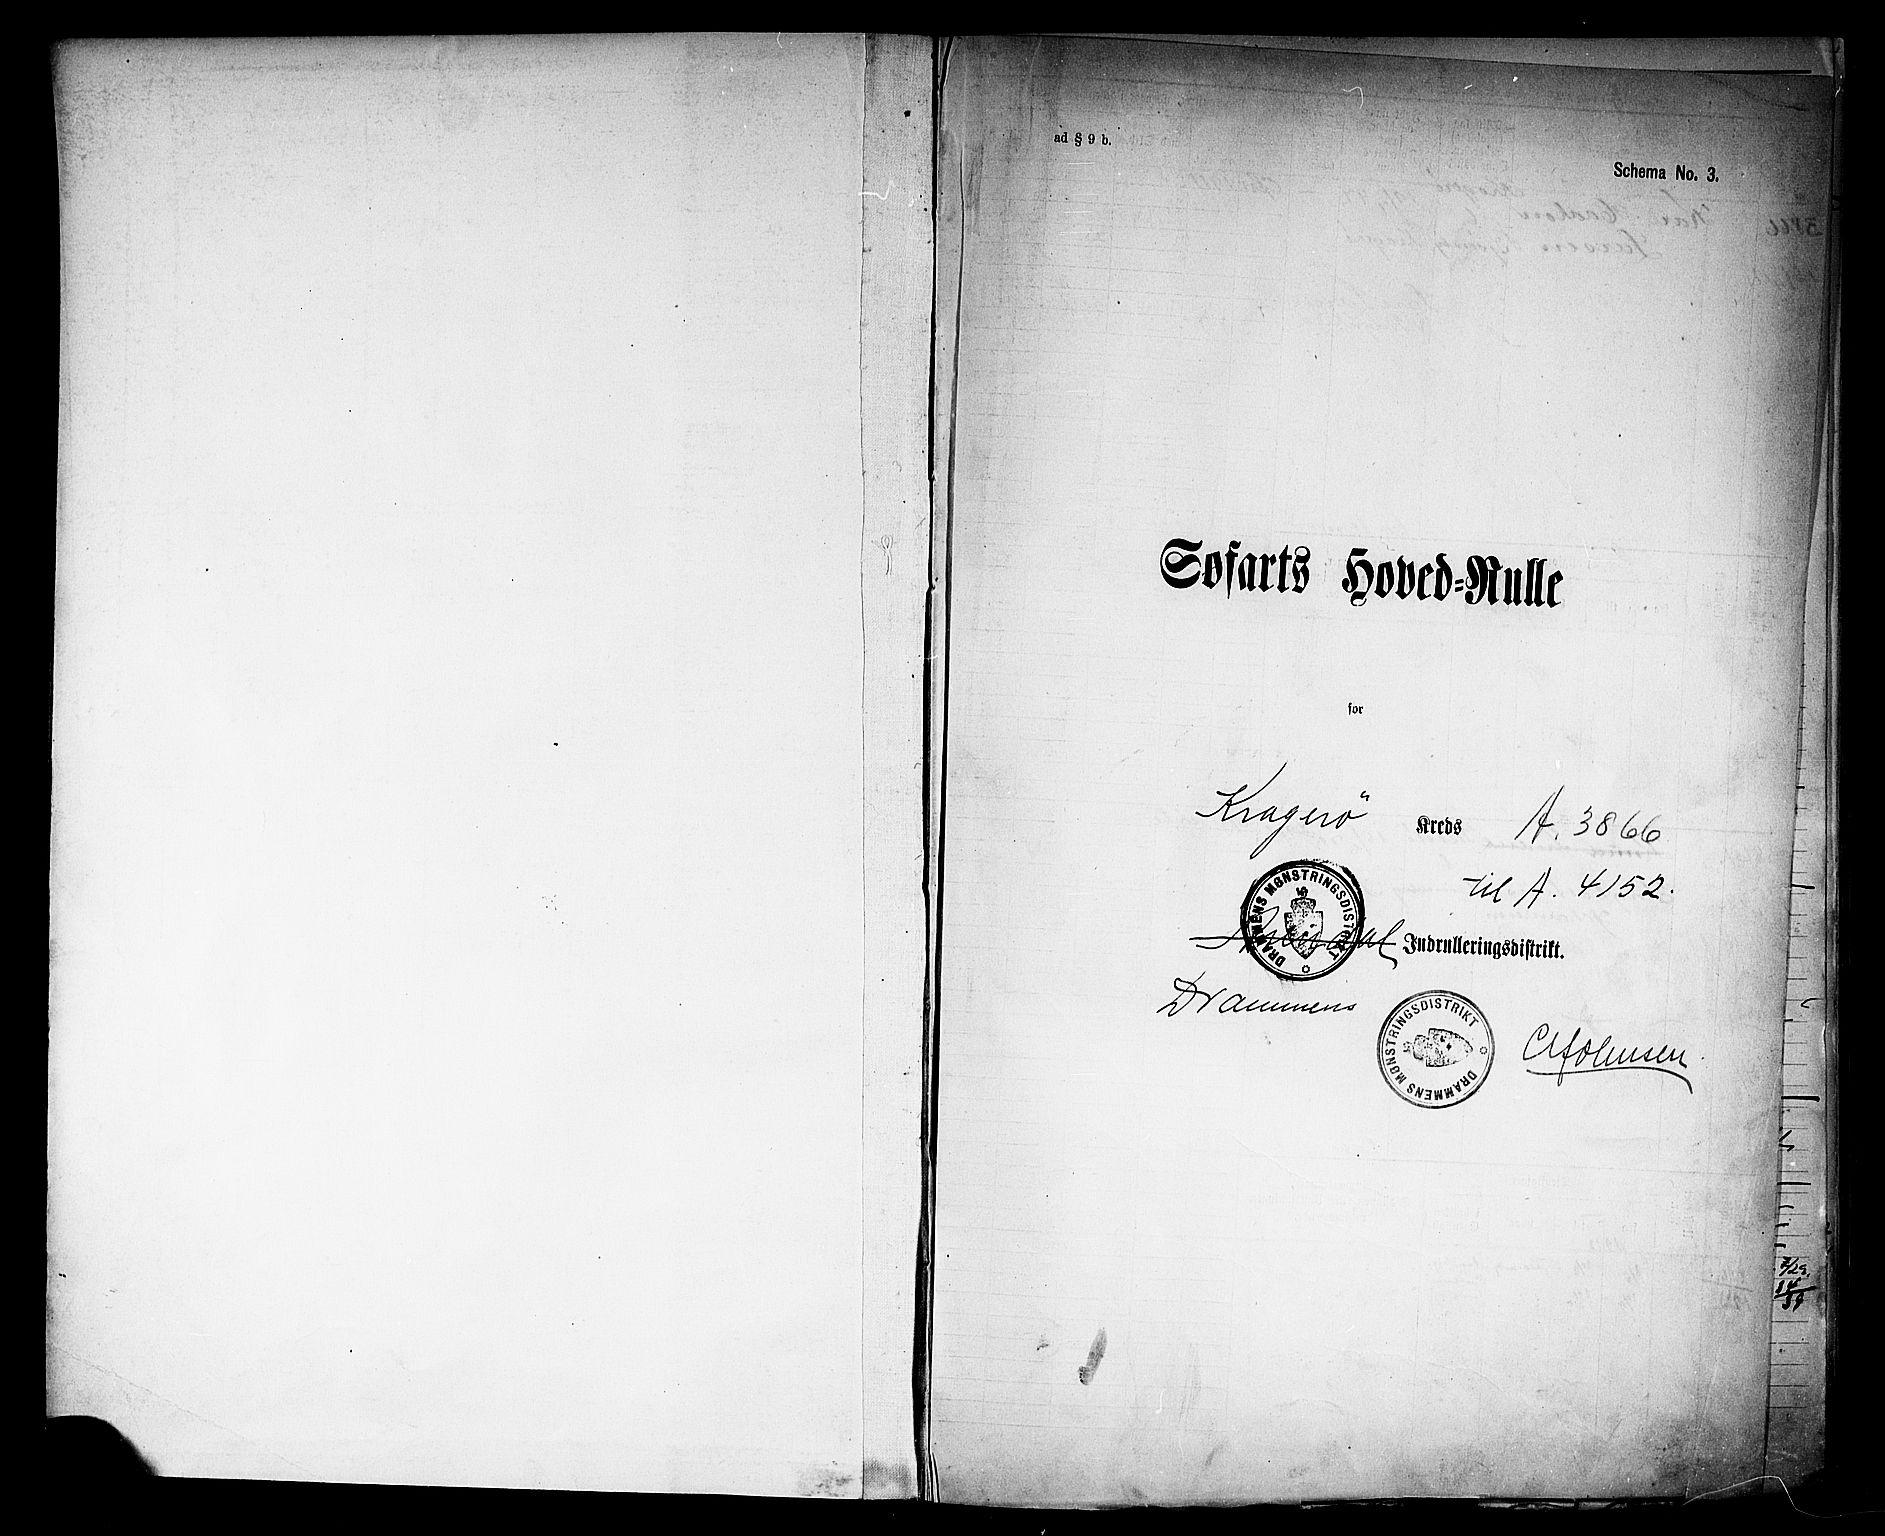 SAKO, Kragerø innrulleringskontor, F/Fc/L0009: Hovedrulle, 1912-1920, s. 2